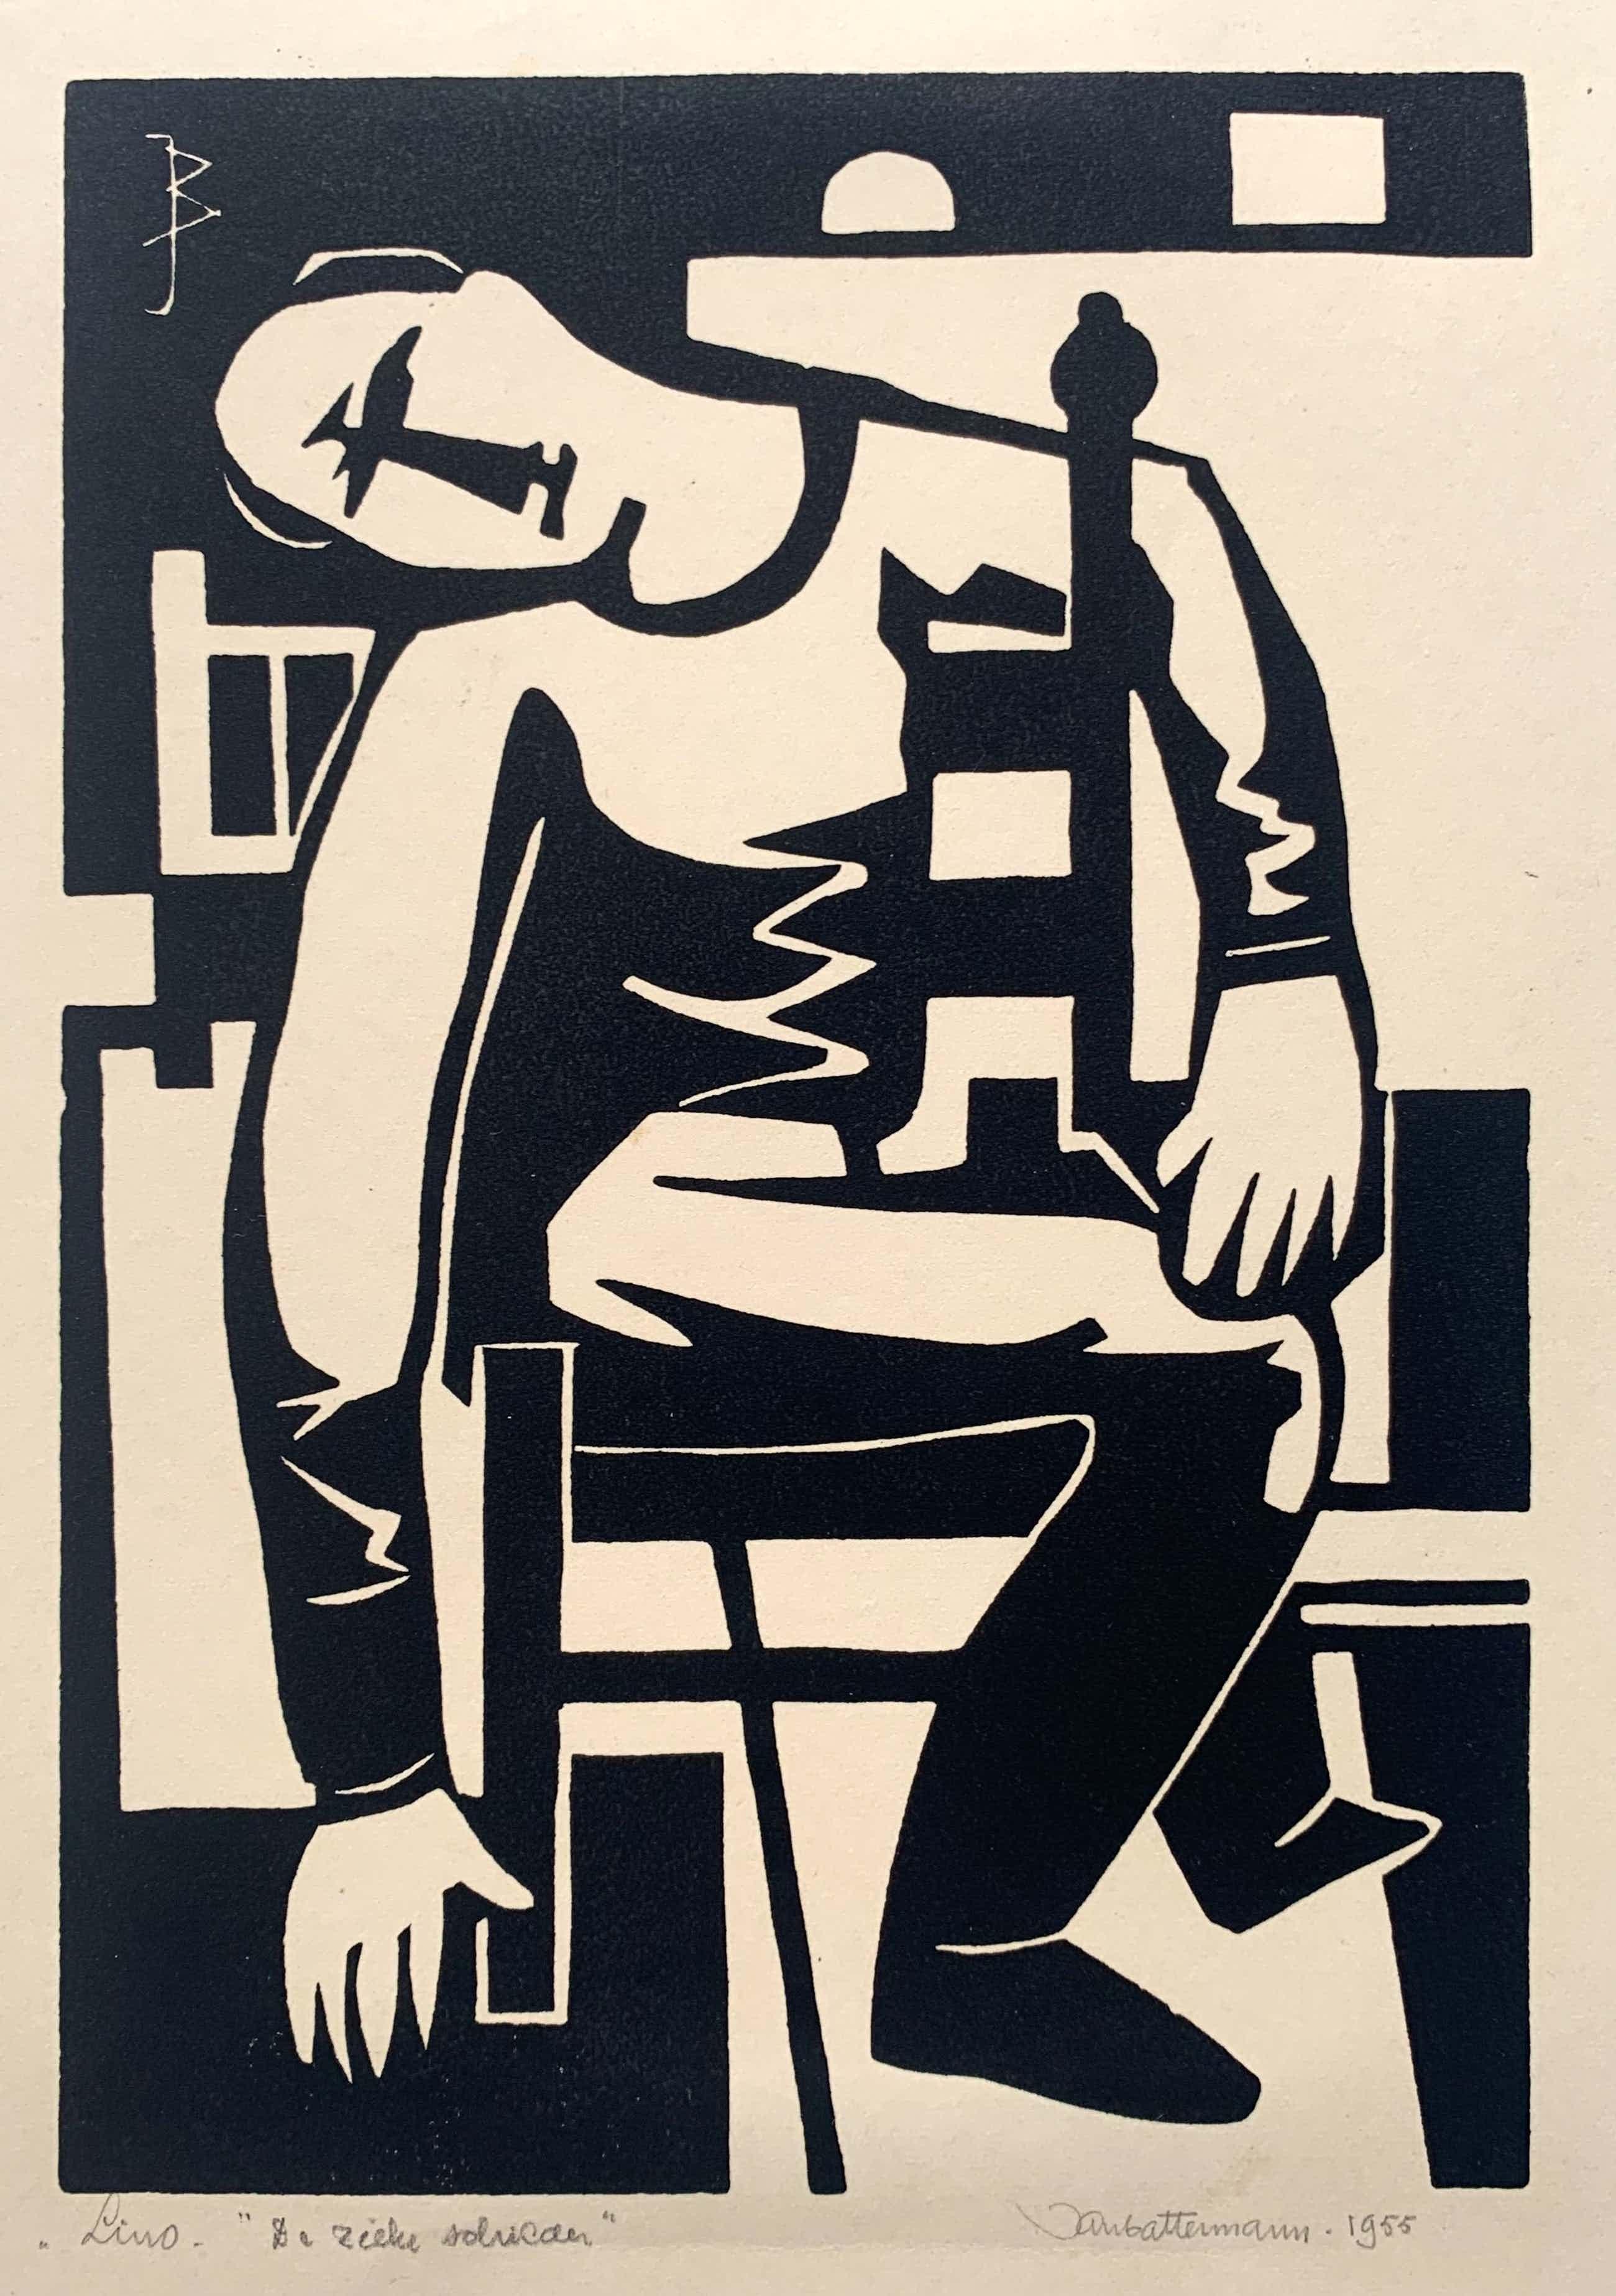 Jan Battermann - linosnede   'De zieke schilder'   1955 kopen? Bied vanaf 50!